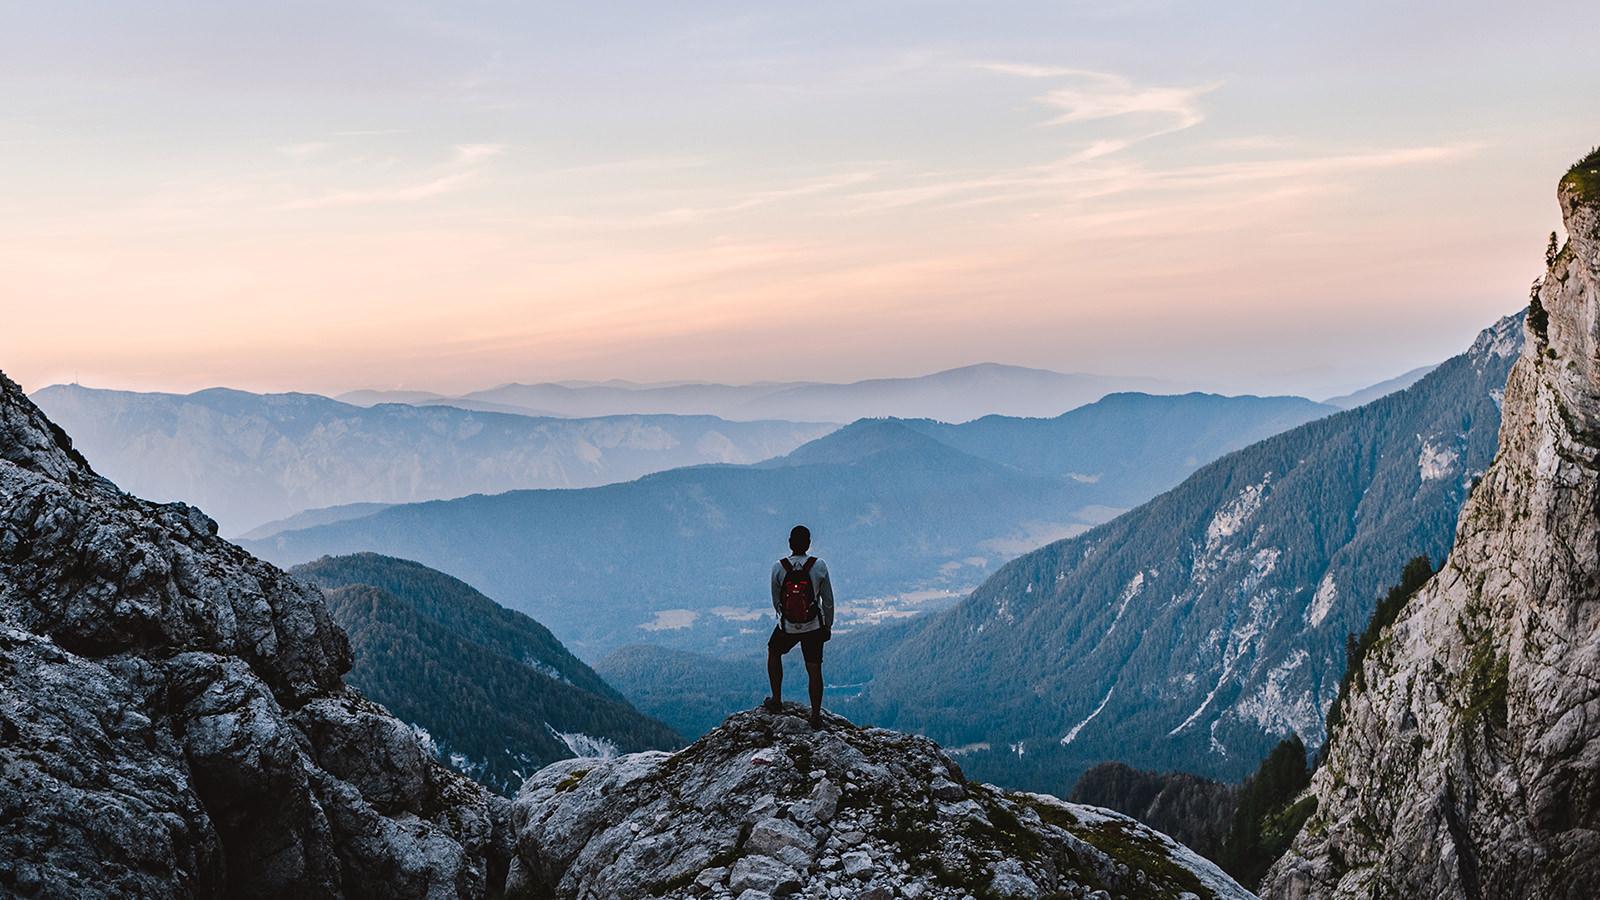 Das Bild in seiner düsteren Art zeigt einen Menschen, der von oben herab auf die Welt schaut, seinen Gedanken nachhängt, Antwort sucht und aus der Weite trinkt